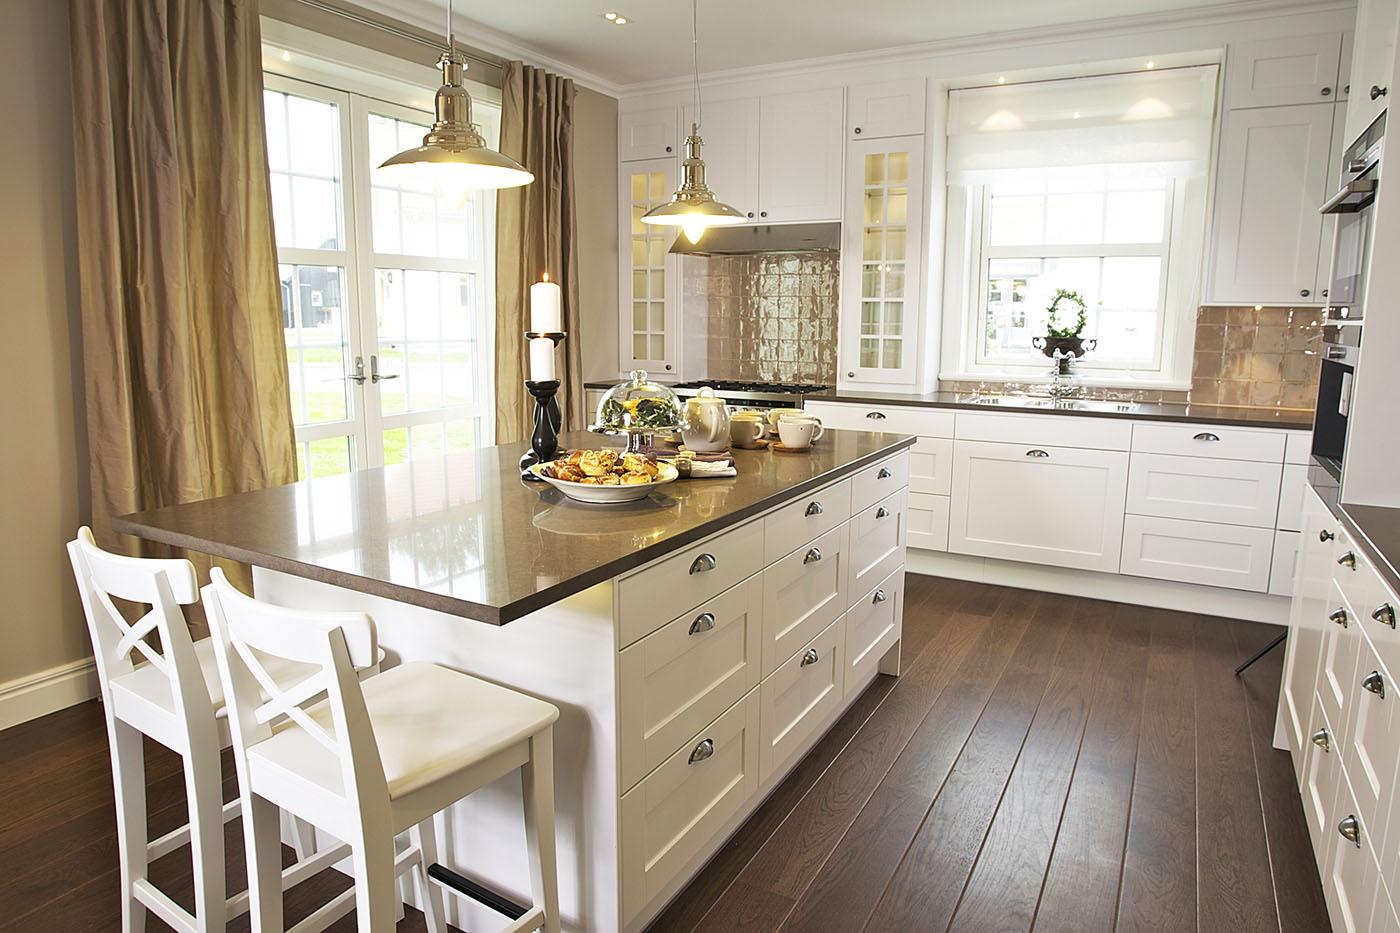 Modernt Kok I Gammalt Hus : modernt kok i gammalt hus  Villa Newport fron Mjobocksvillan